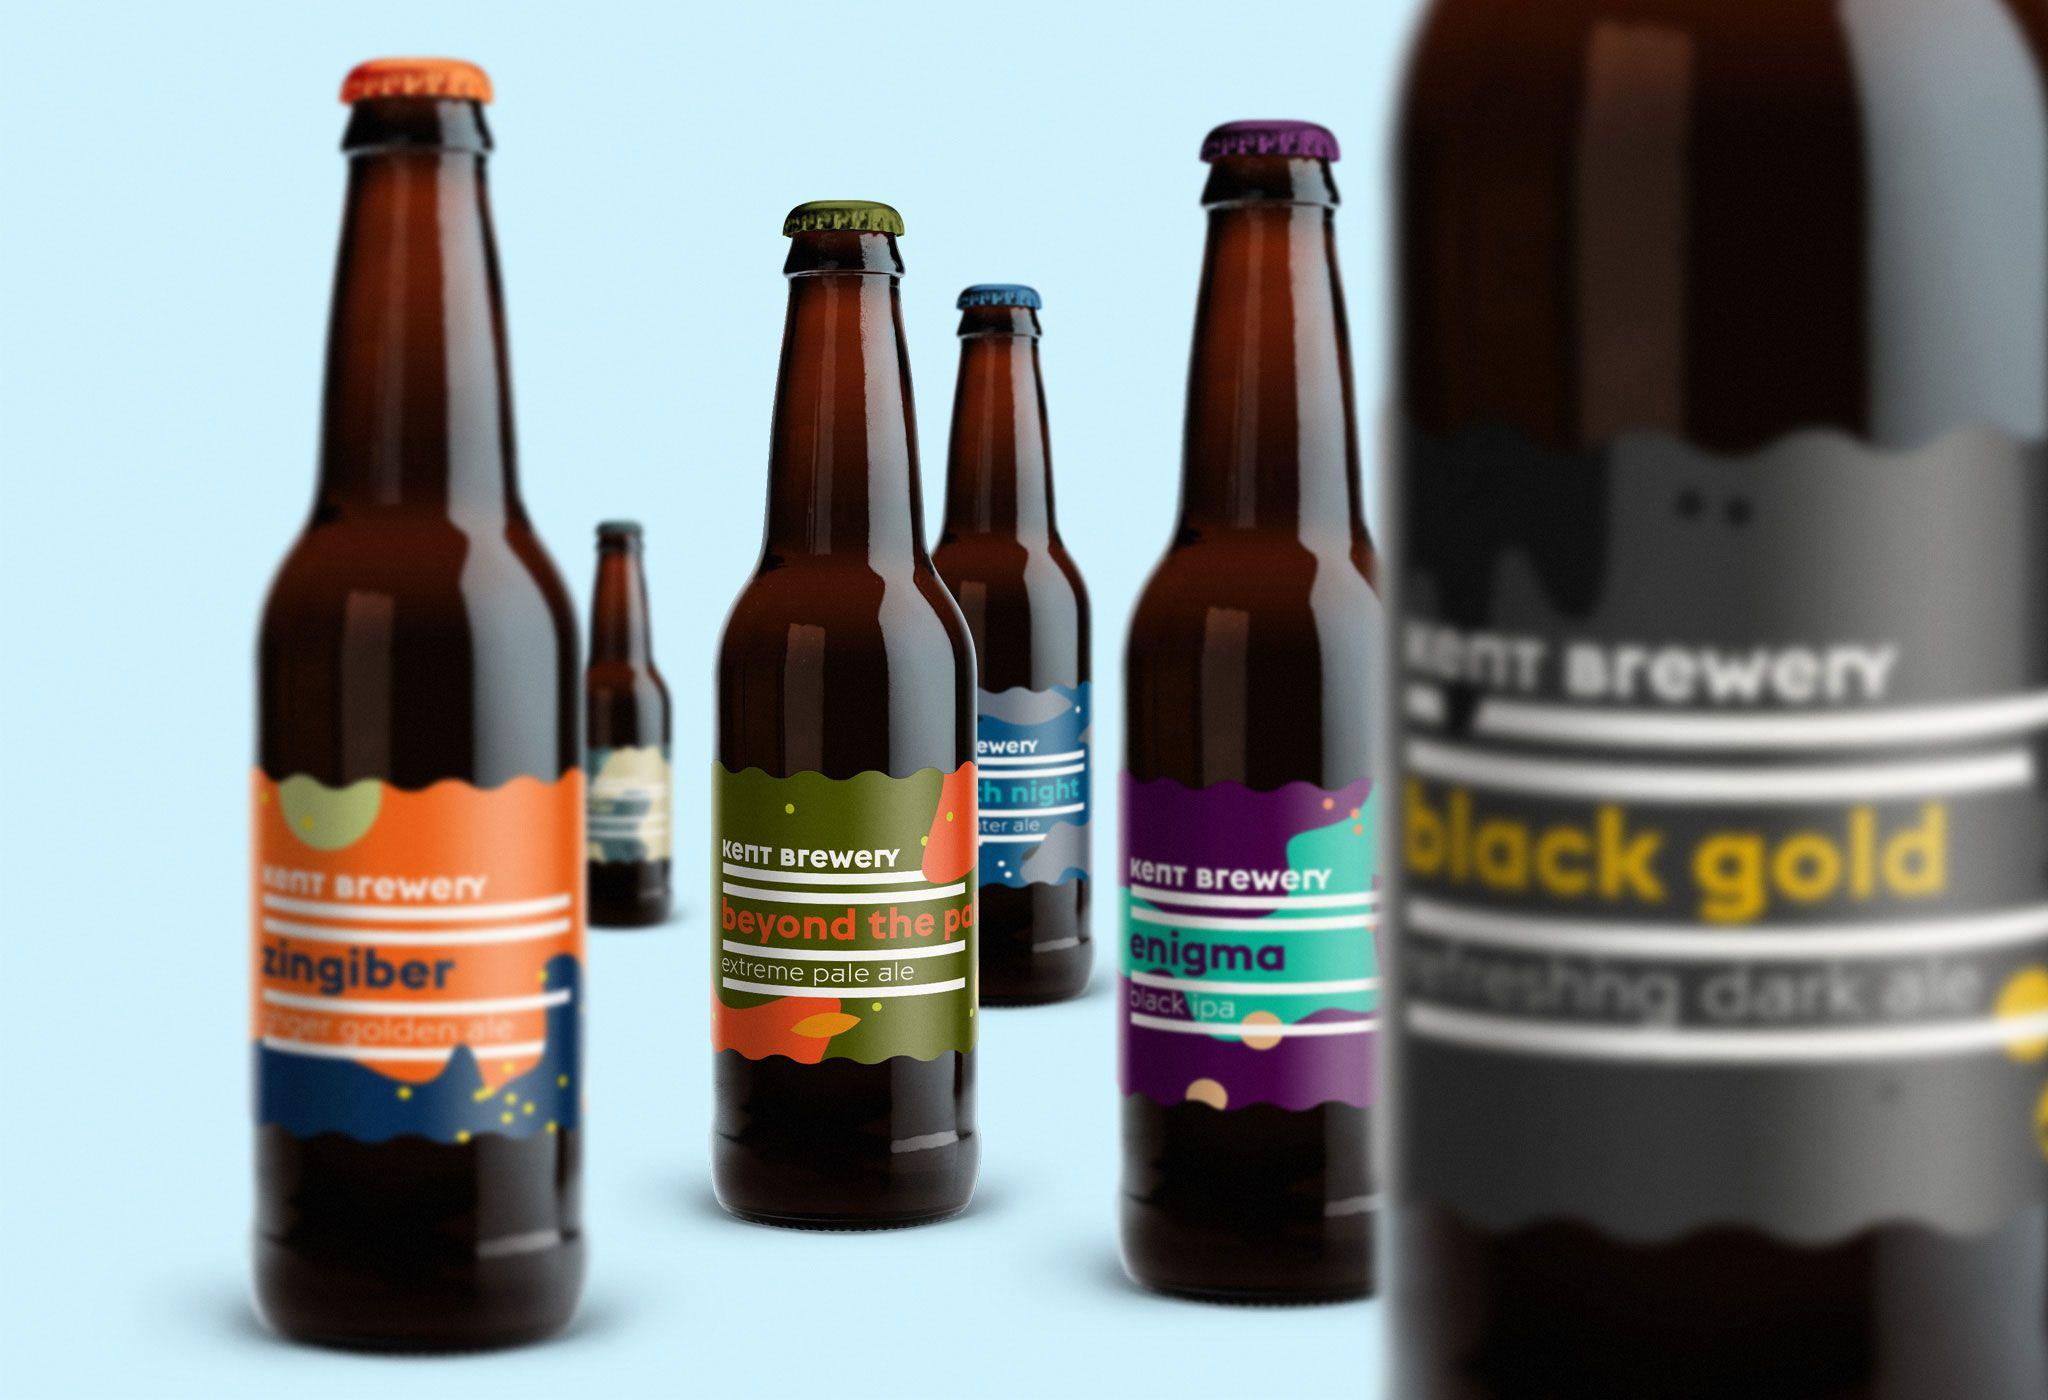 Kent Brewery Brewery Beer Packaging Beer